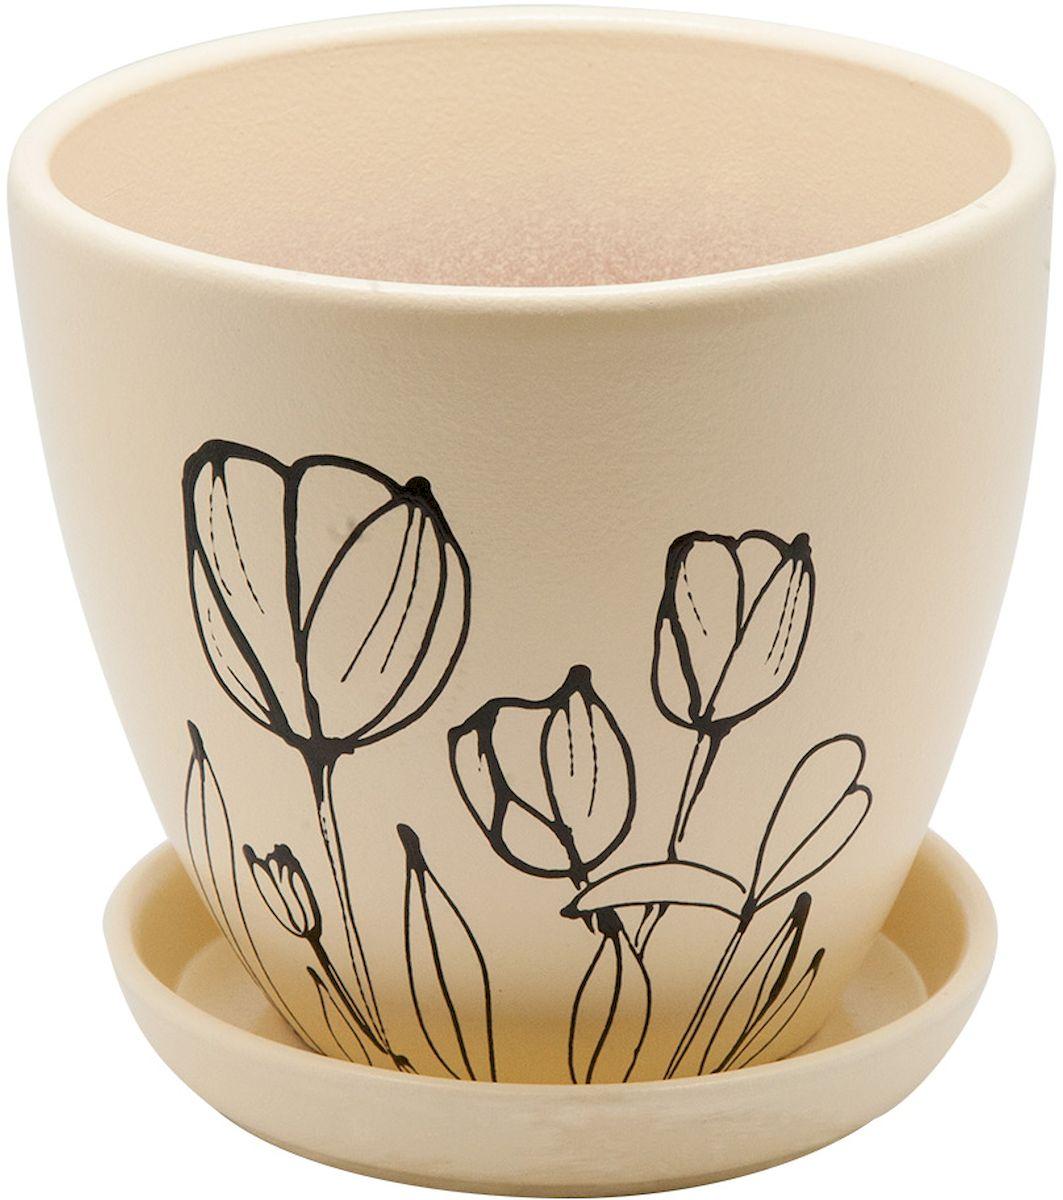 Горшок цветочный Engard, с поддоном, 2,4 л. BH-23-2BH-23-2Керамический горшок Engard - это идеальное решение для выращивания комнатных растений и создания изысканности в интерьере. Керамический горшок сделан из высококачественной глины в классической форме и оригинальном дизайне.Объем: 2,4 л.